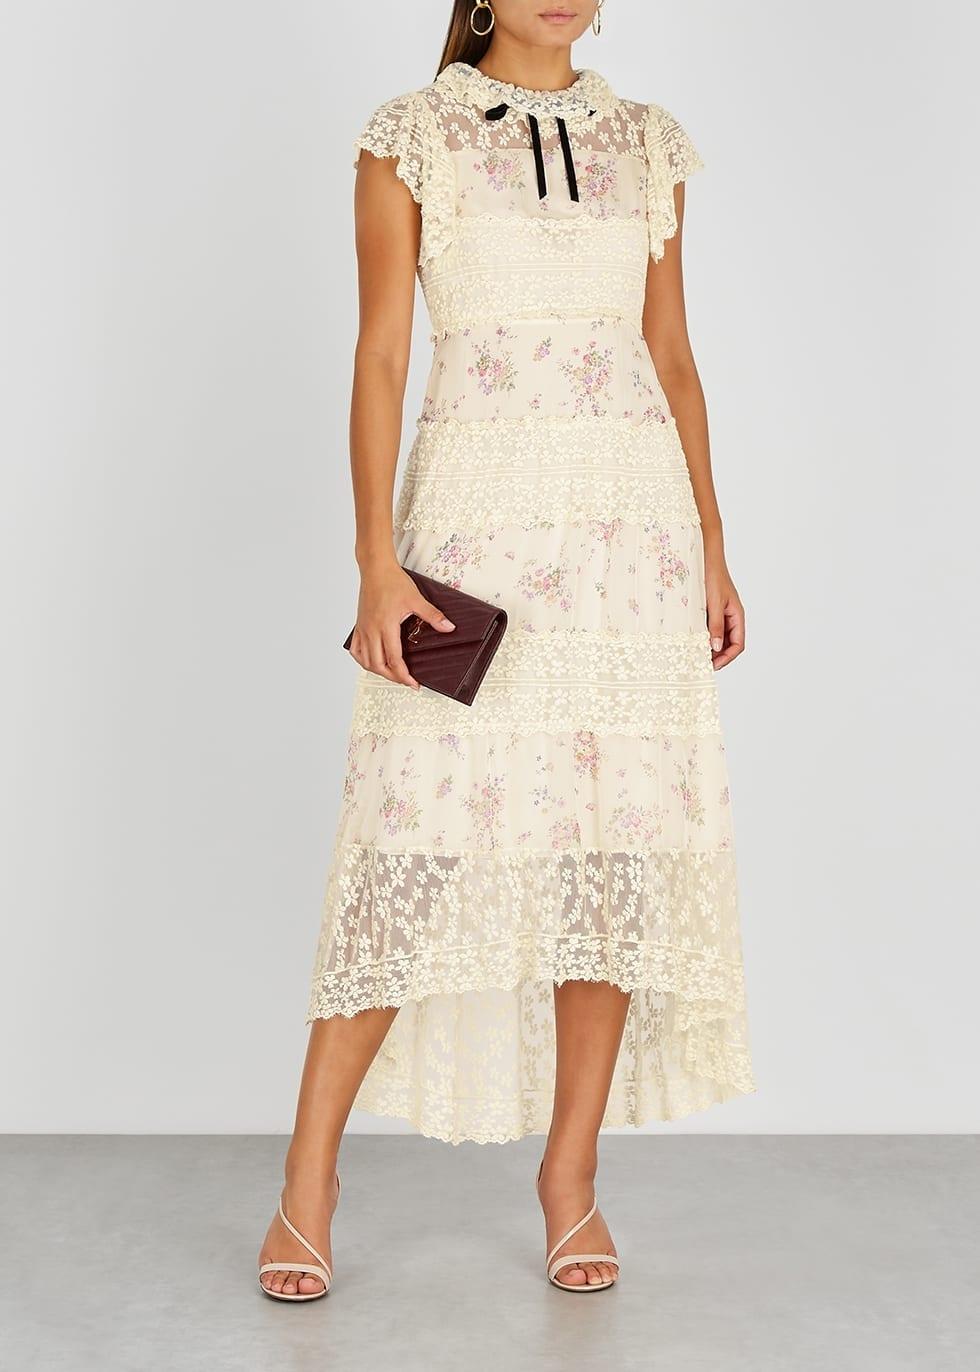 PHILOSOPHY DI LORENZO SERAFINI Ivory Floral-print Chiffon And Lace Midi Dress